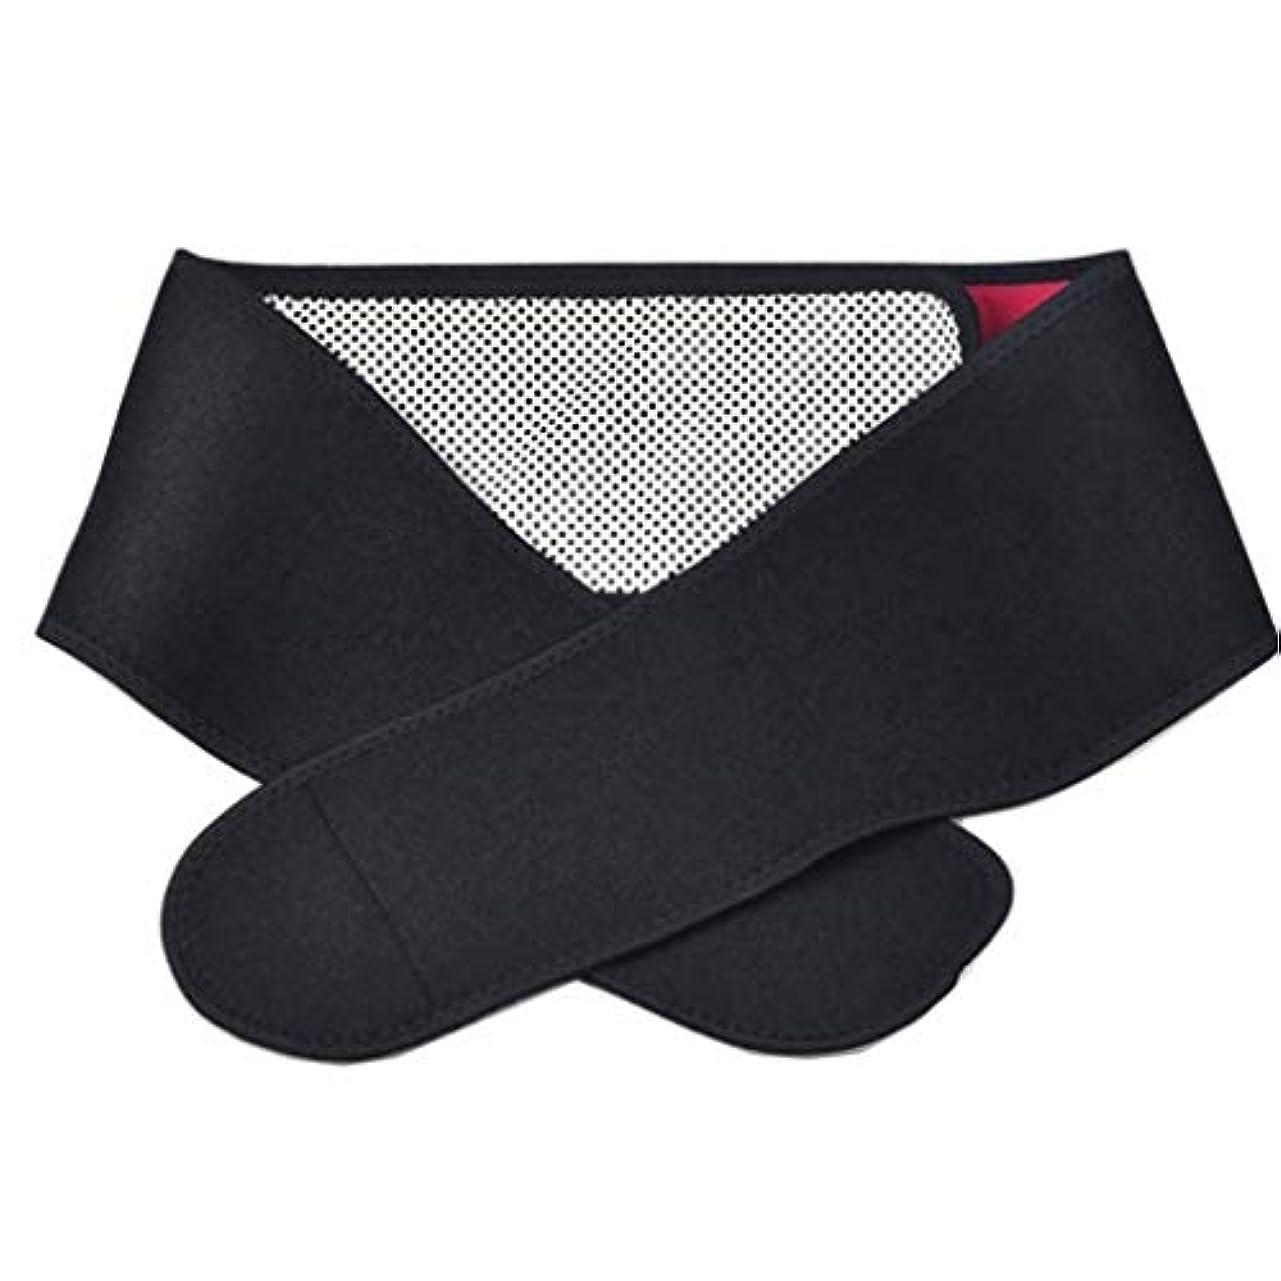 劇的消毒剤グリット腰部サポートマッサージャー、自己発熱ベルト、ポータブル調整可能、磁気療法温暖化、痛みの軽減、けがの防止